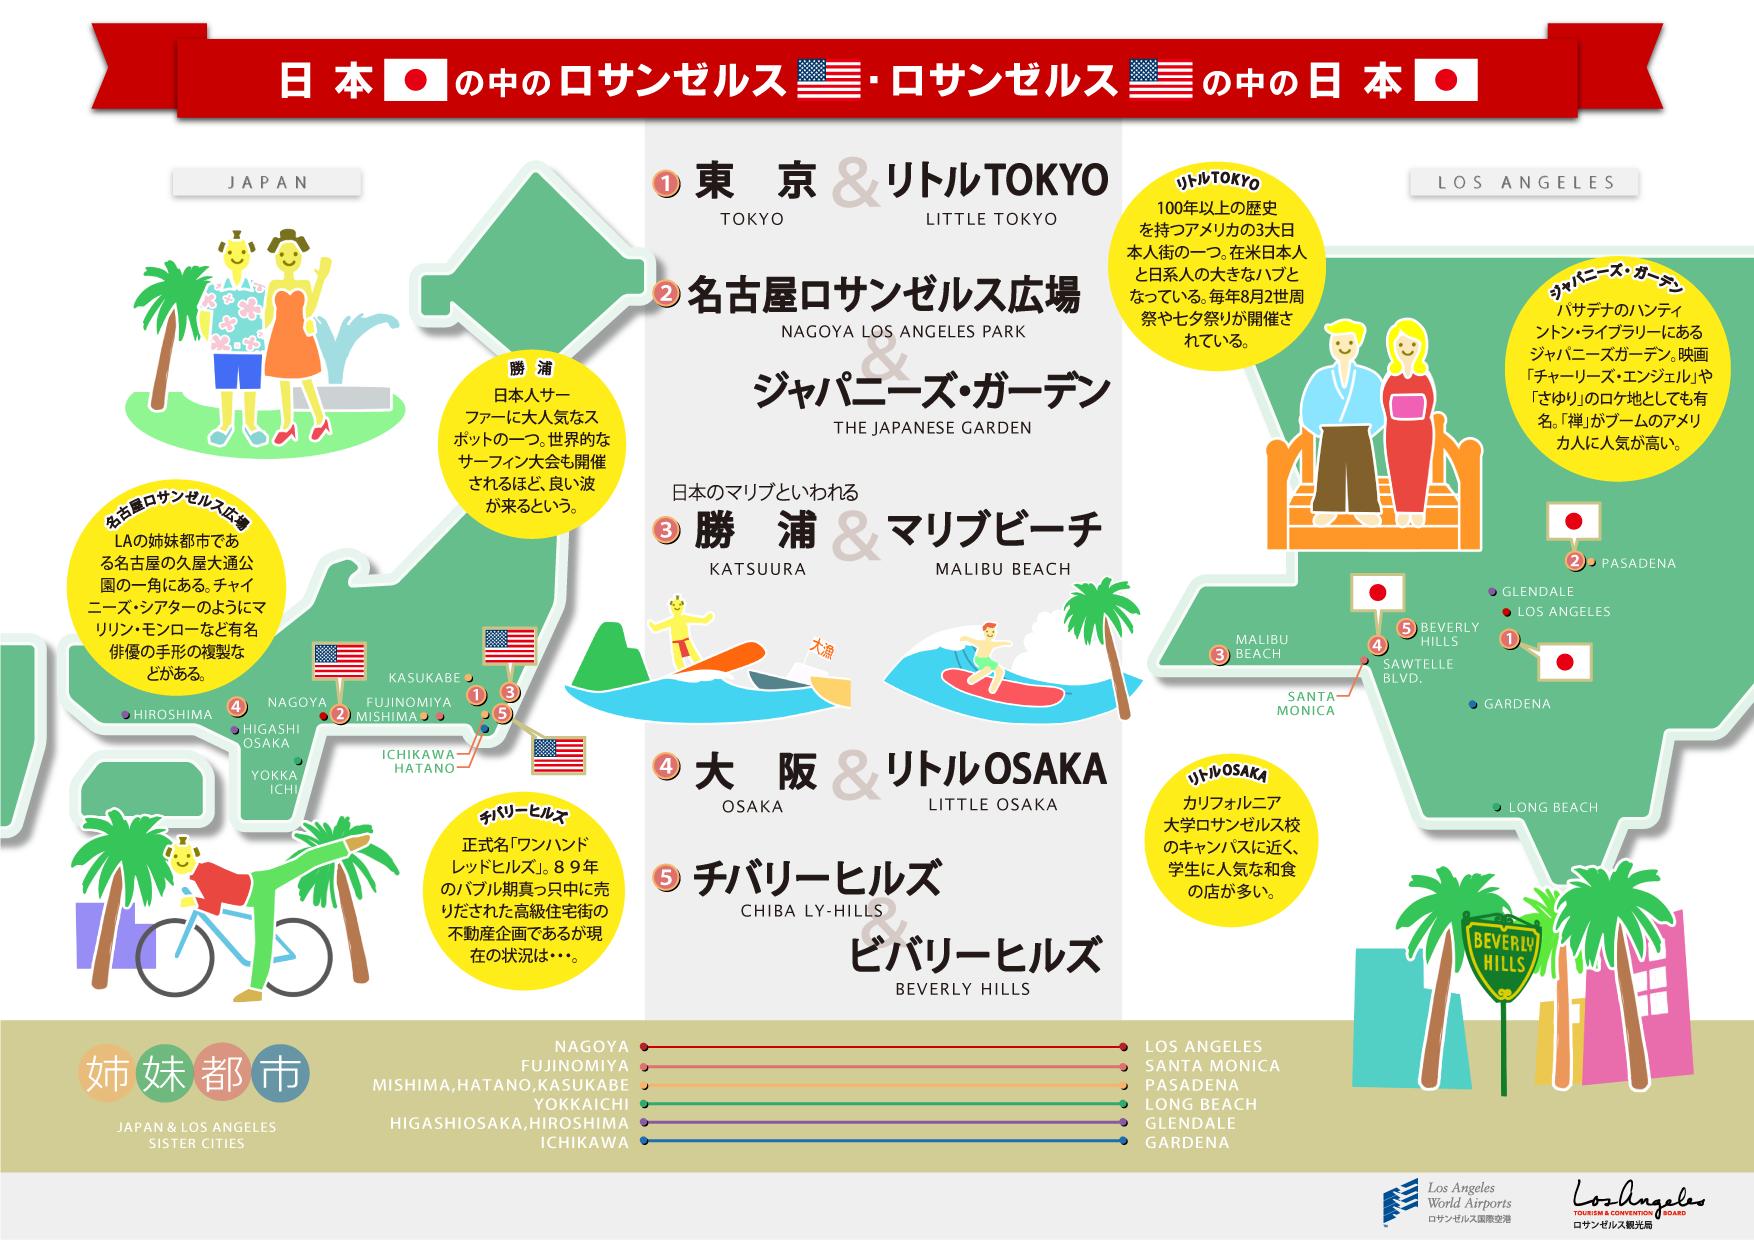 日本とロサンゼルスの驚きの共通点がわかるインフォグラフィック!